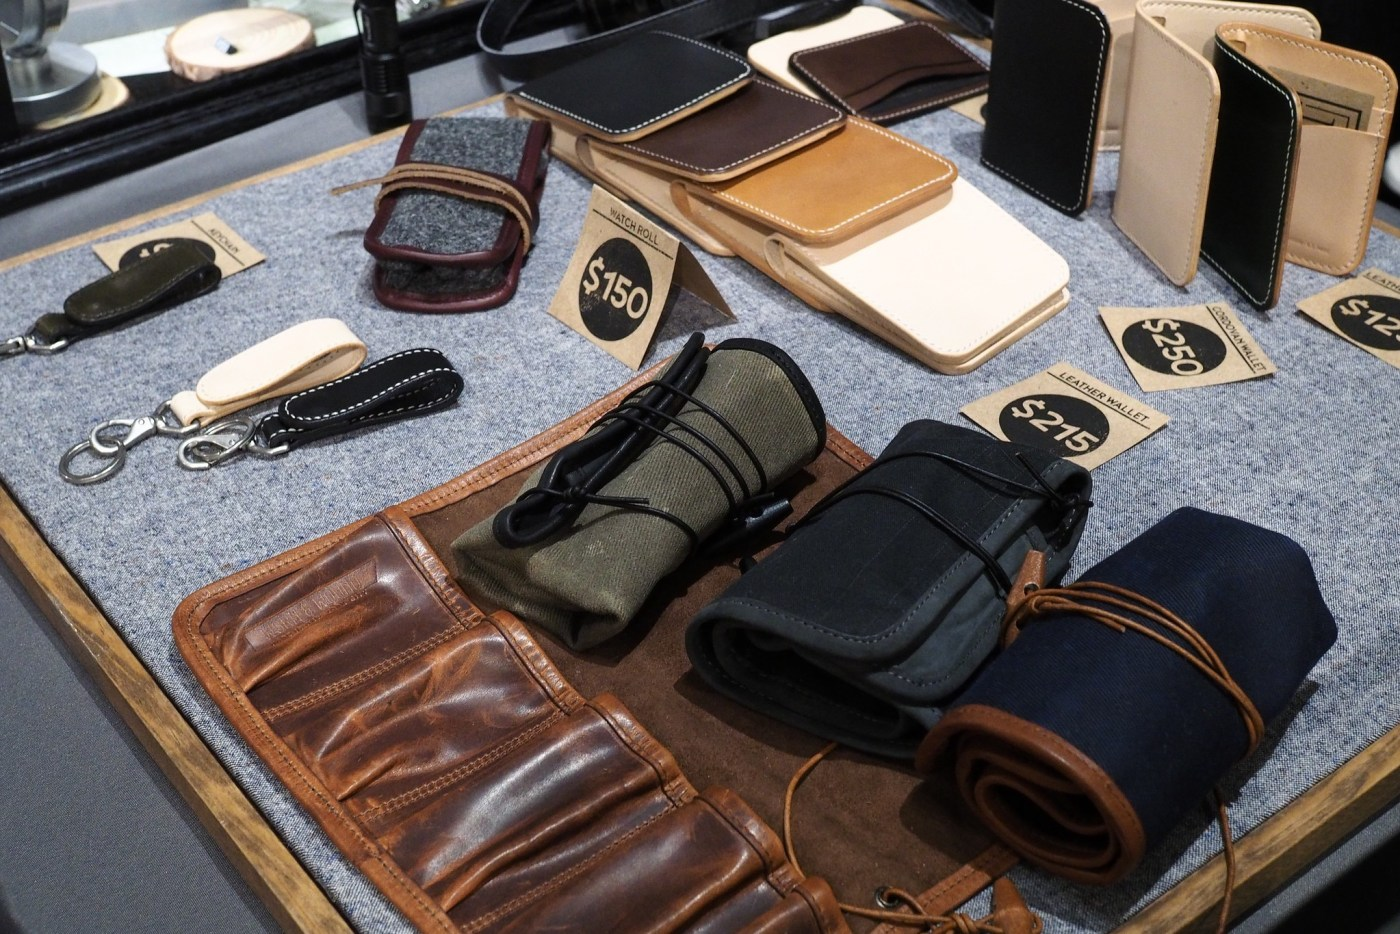 Worn & Wound Watch rolls and accessories